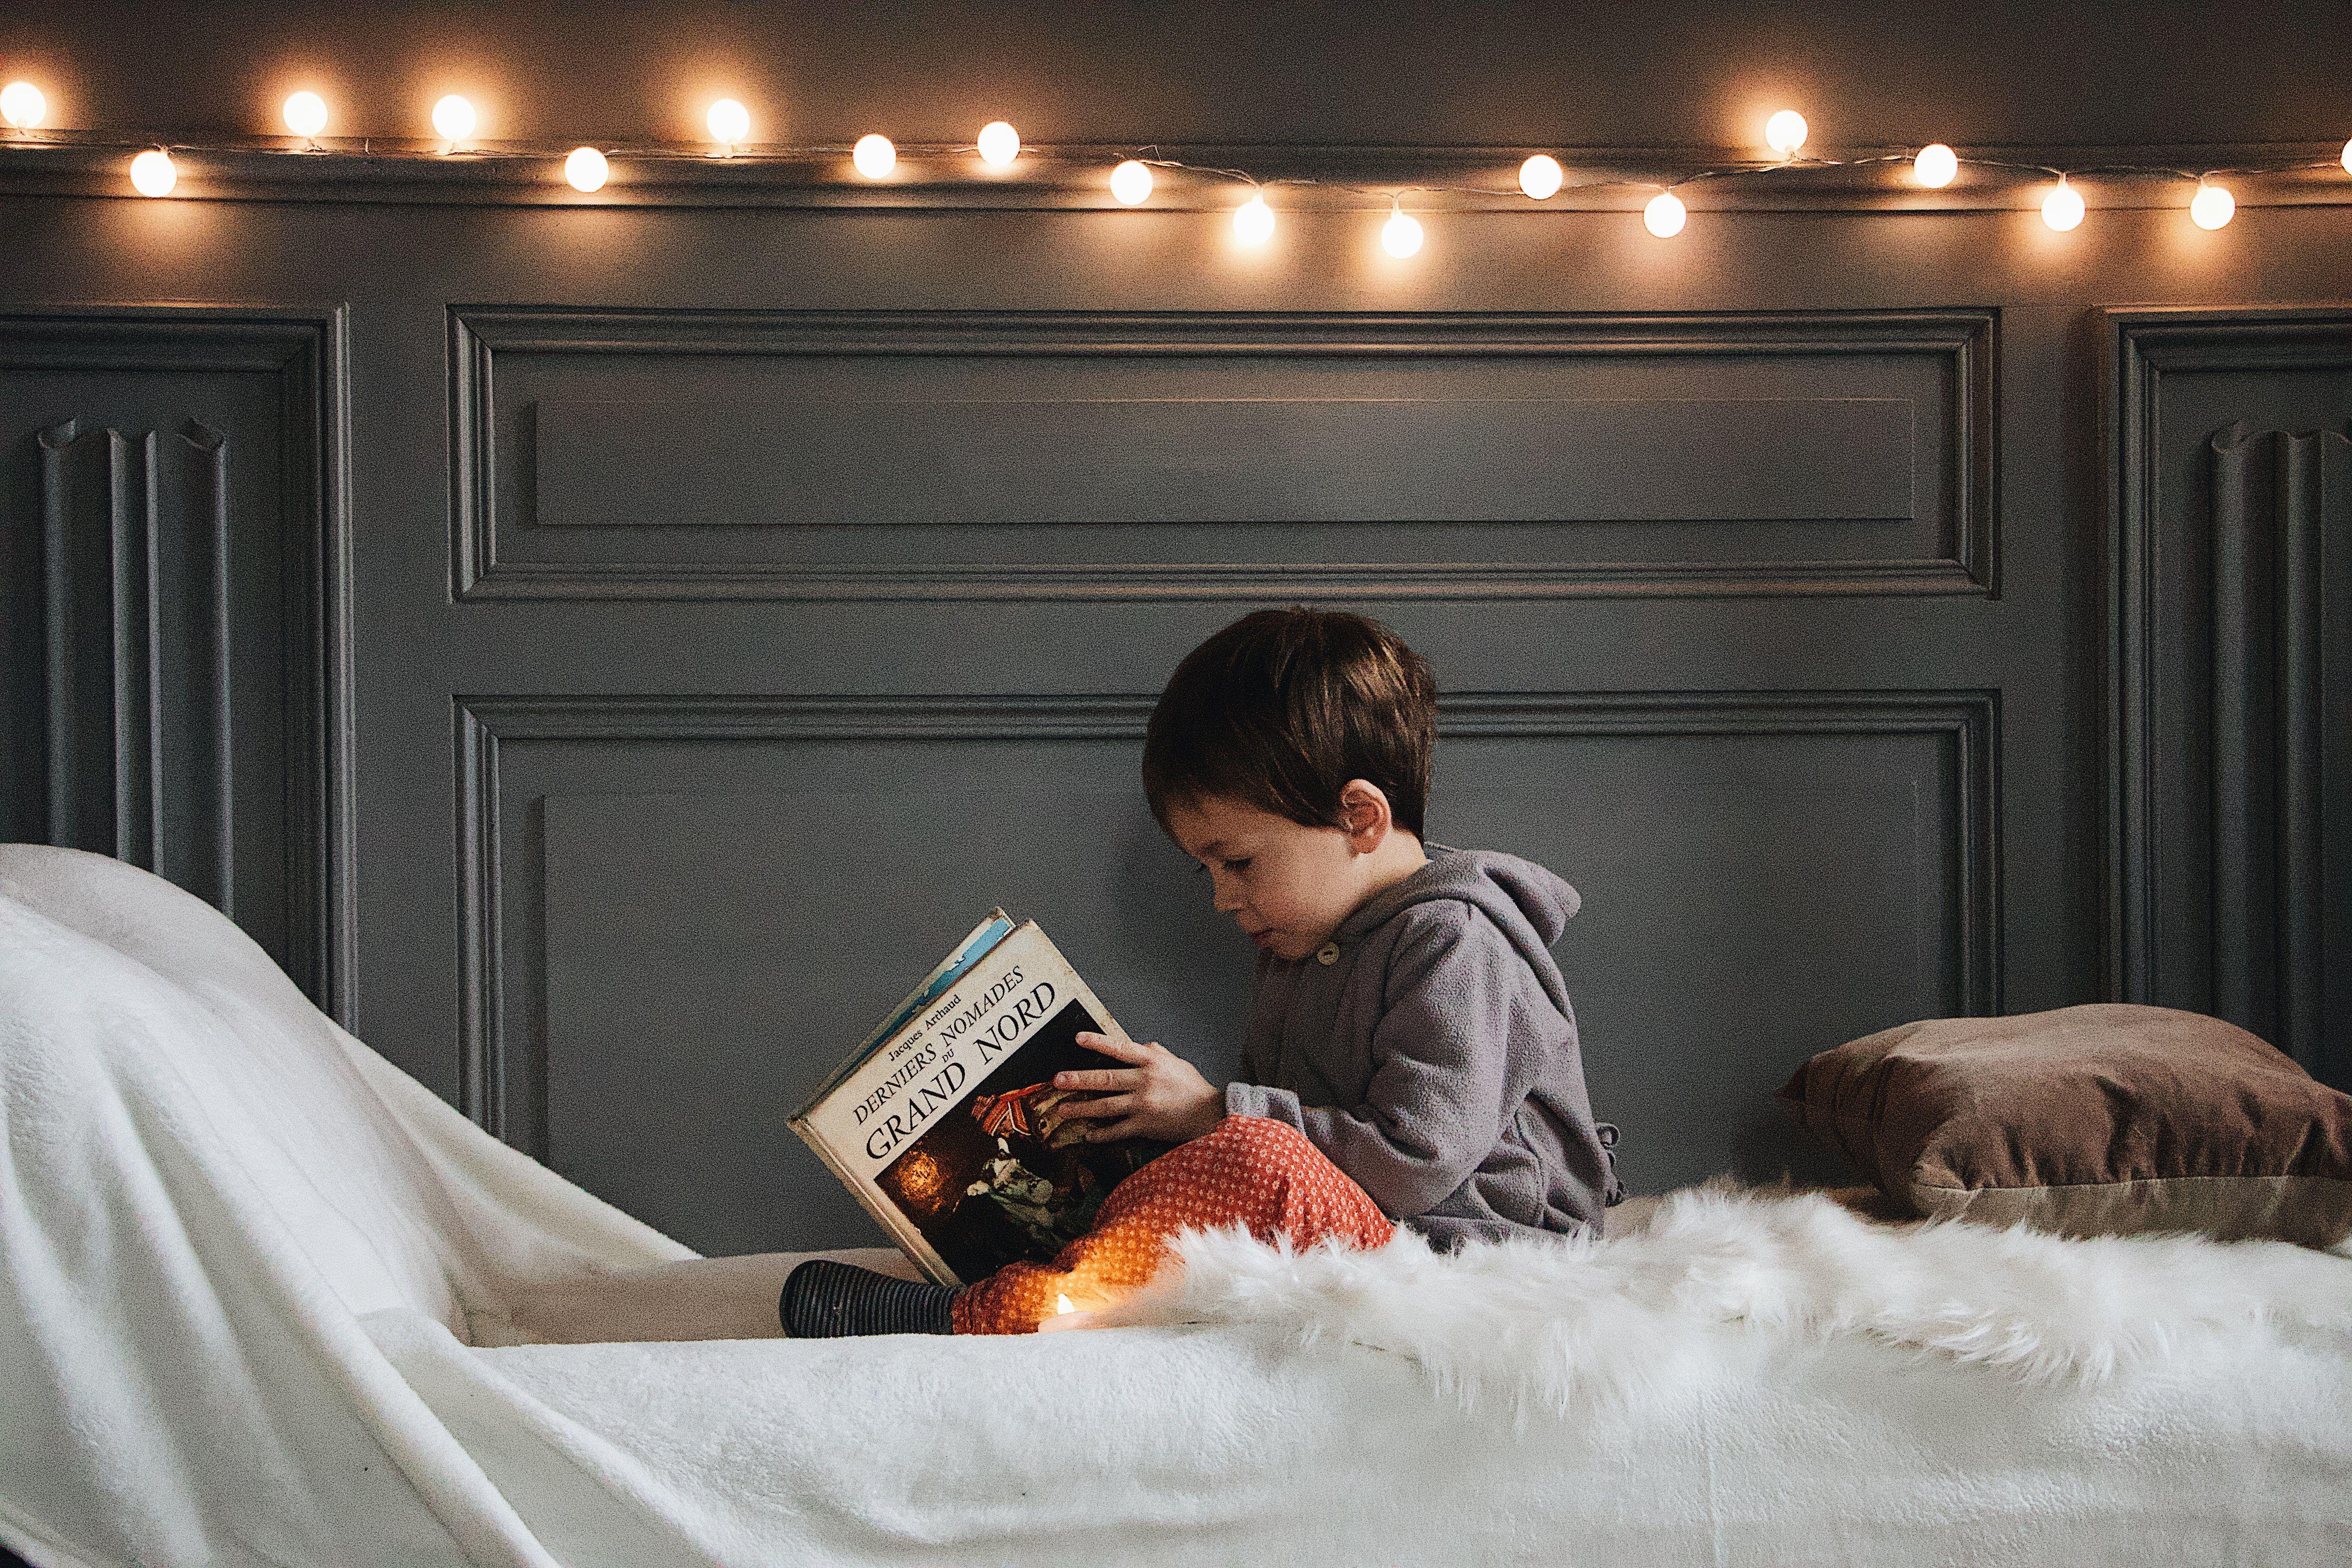 کودک در حال کتاب خواندن